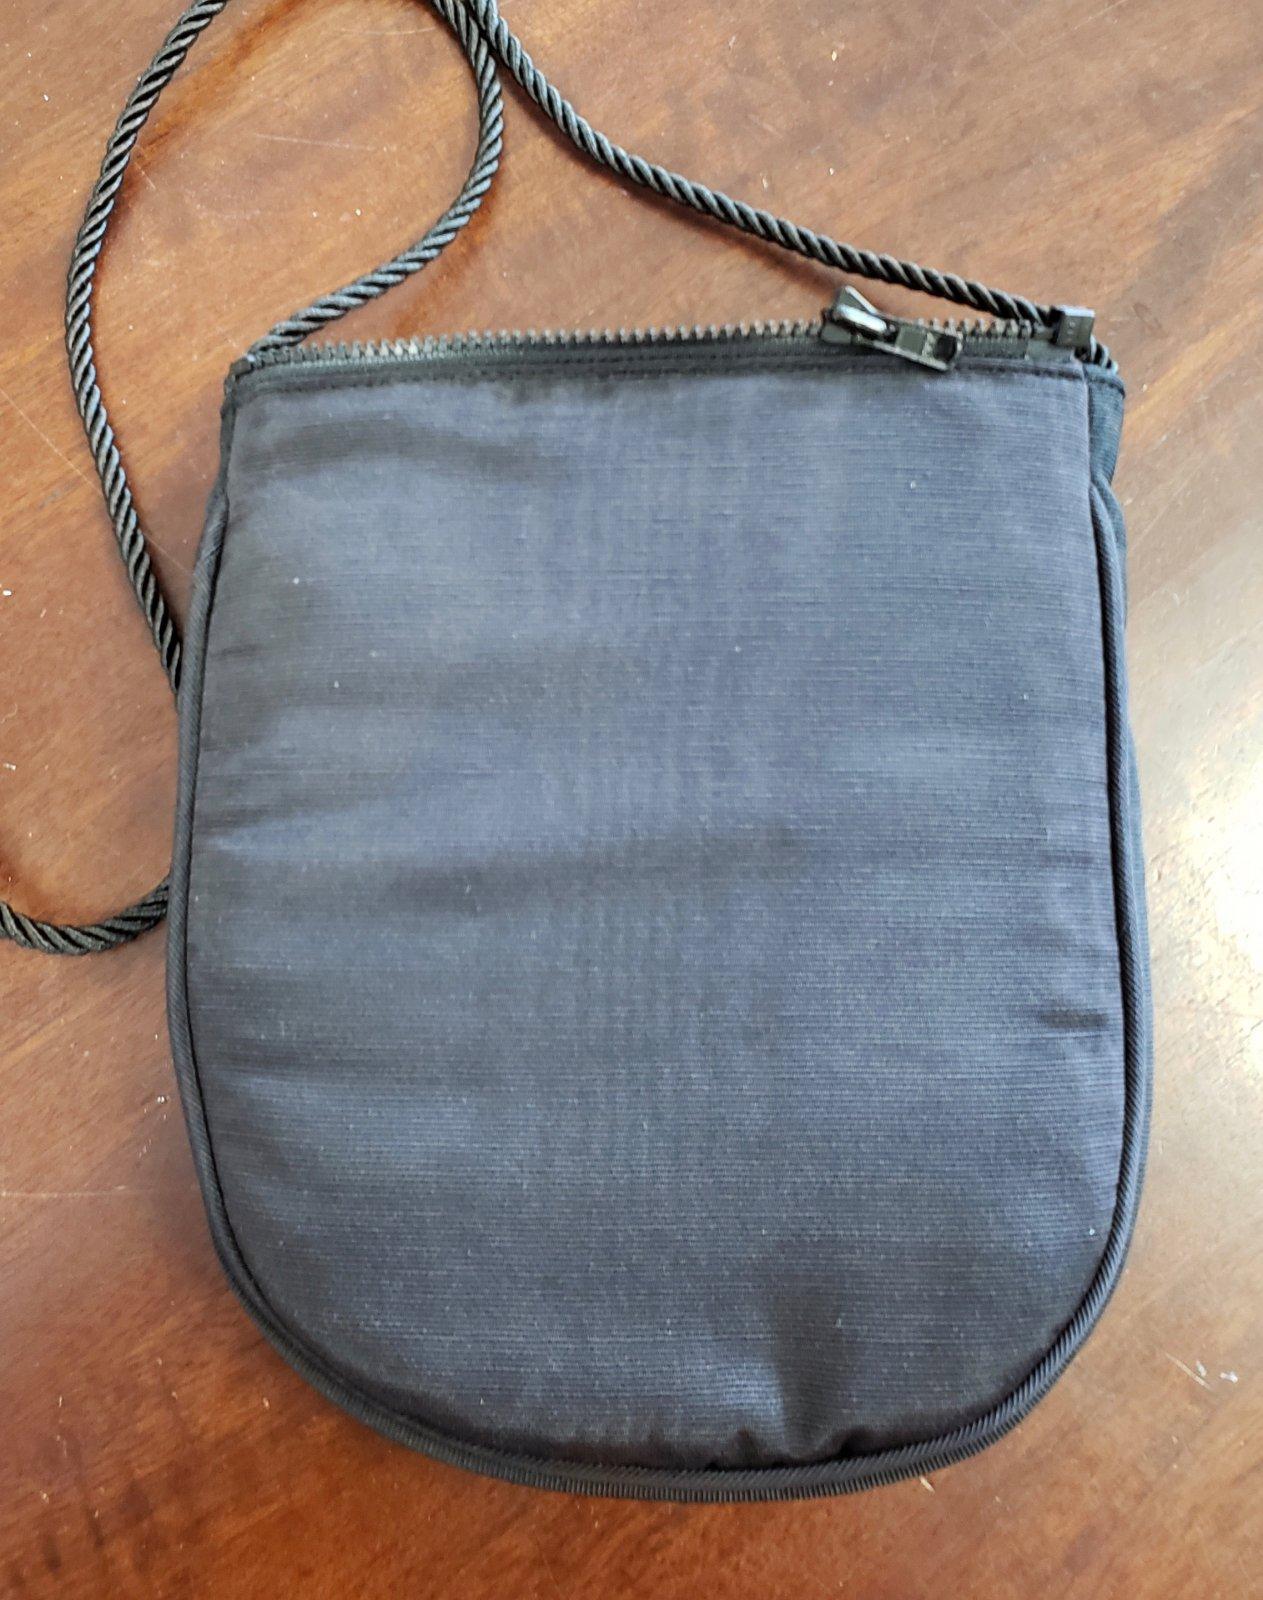 Sophia bag style A